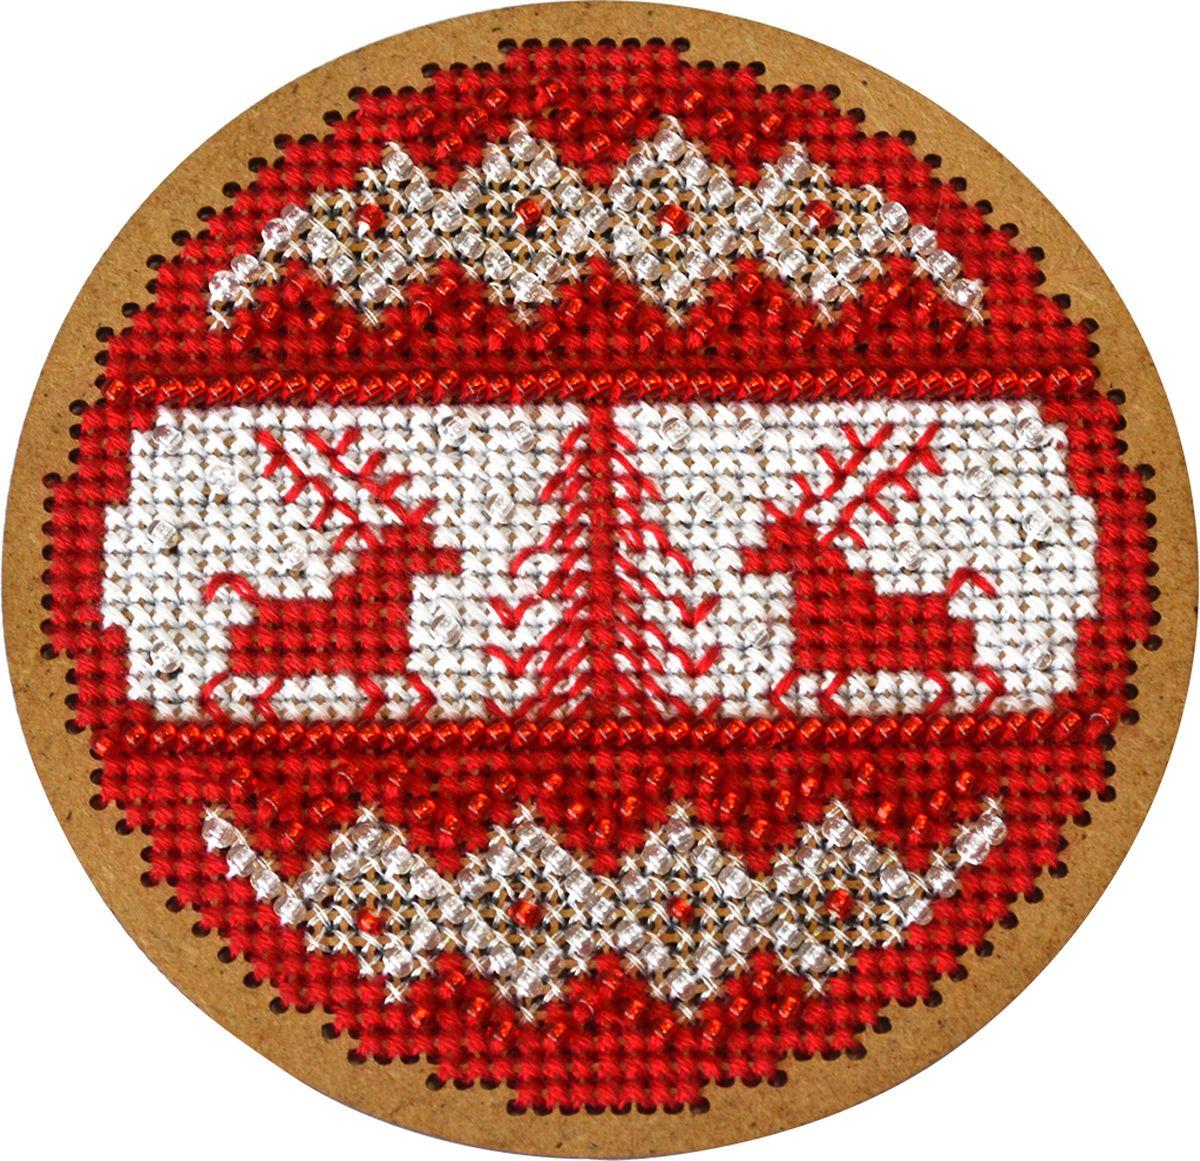 Набор для вышивания крестом Созвездие Новогодняя игрушка. Скандинавский узор, 8,5 х 8,5 см набор для вышивания крестом созвездие добрая дорога подорожница 9 х 4 5 см